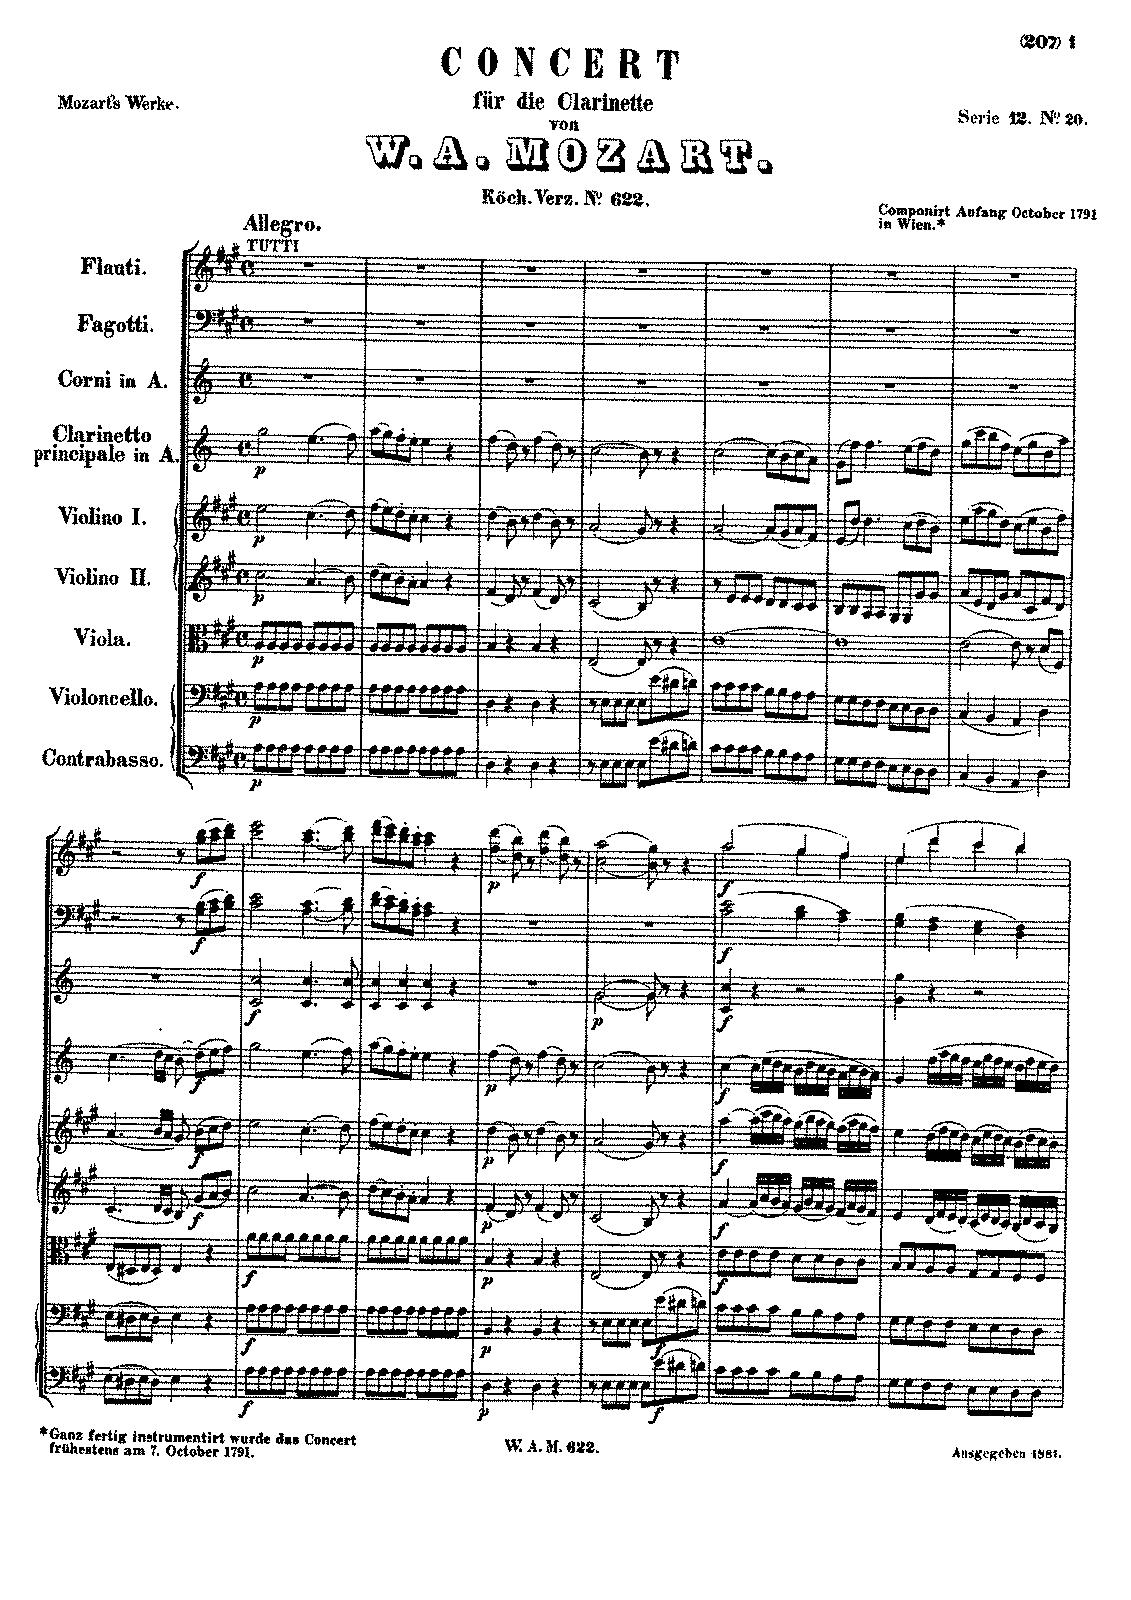 wolfgang amadeus mozart clarinet concerto Músicos tocarão nos 5 acordeões obras de grandes compositores brasileiros como guerra-peixe, gnattali e nazareth dias 24, 25, 26 e 27 de agosto de 2017, de quinta.